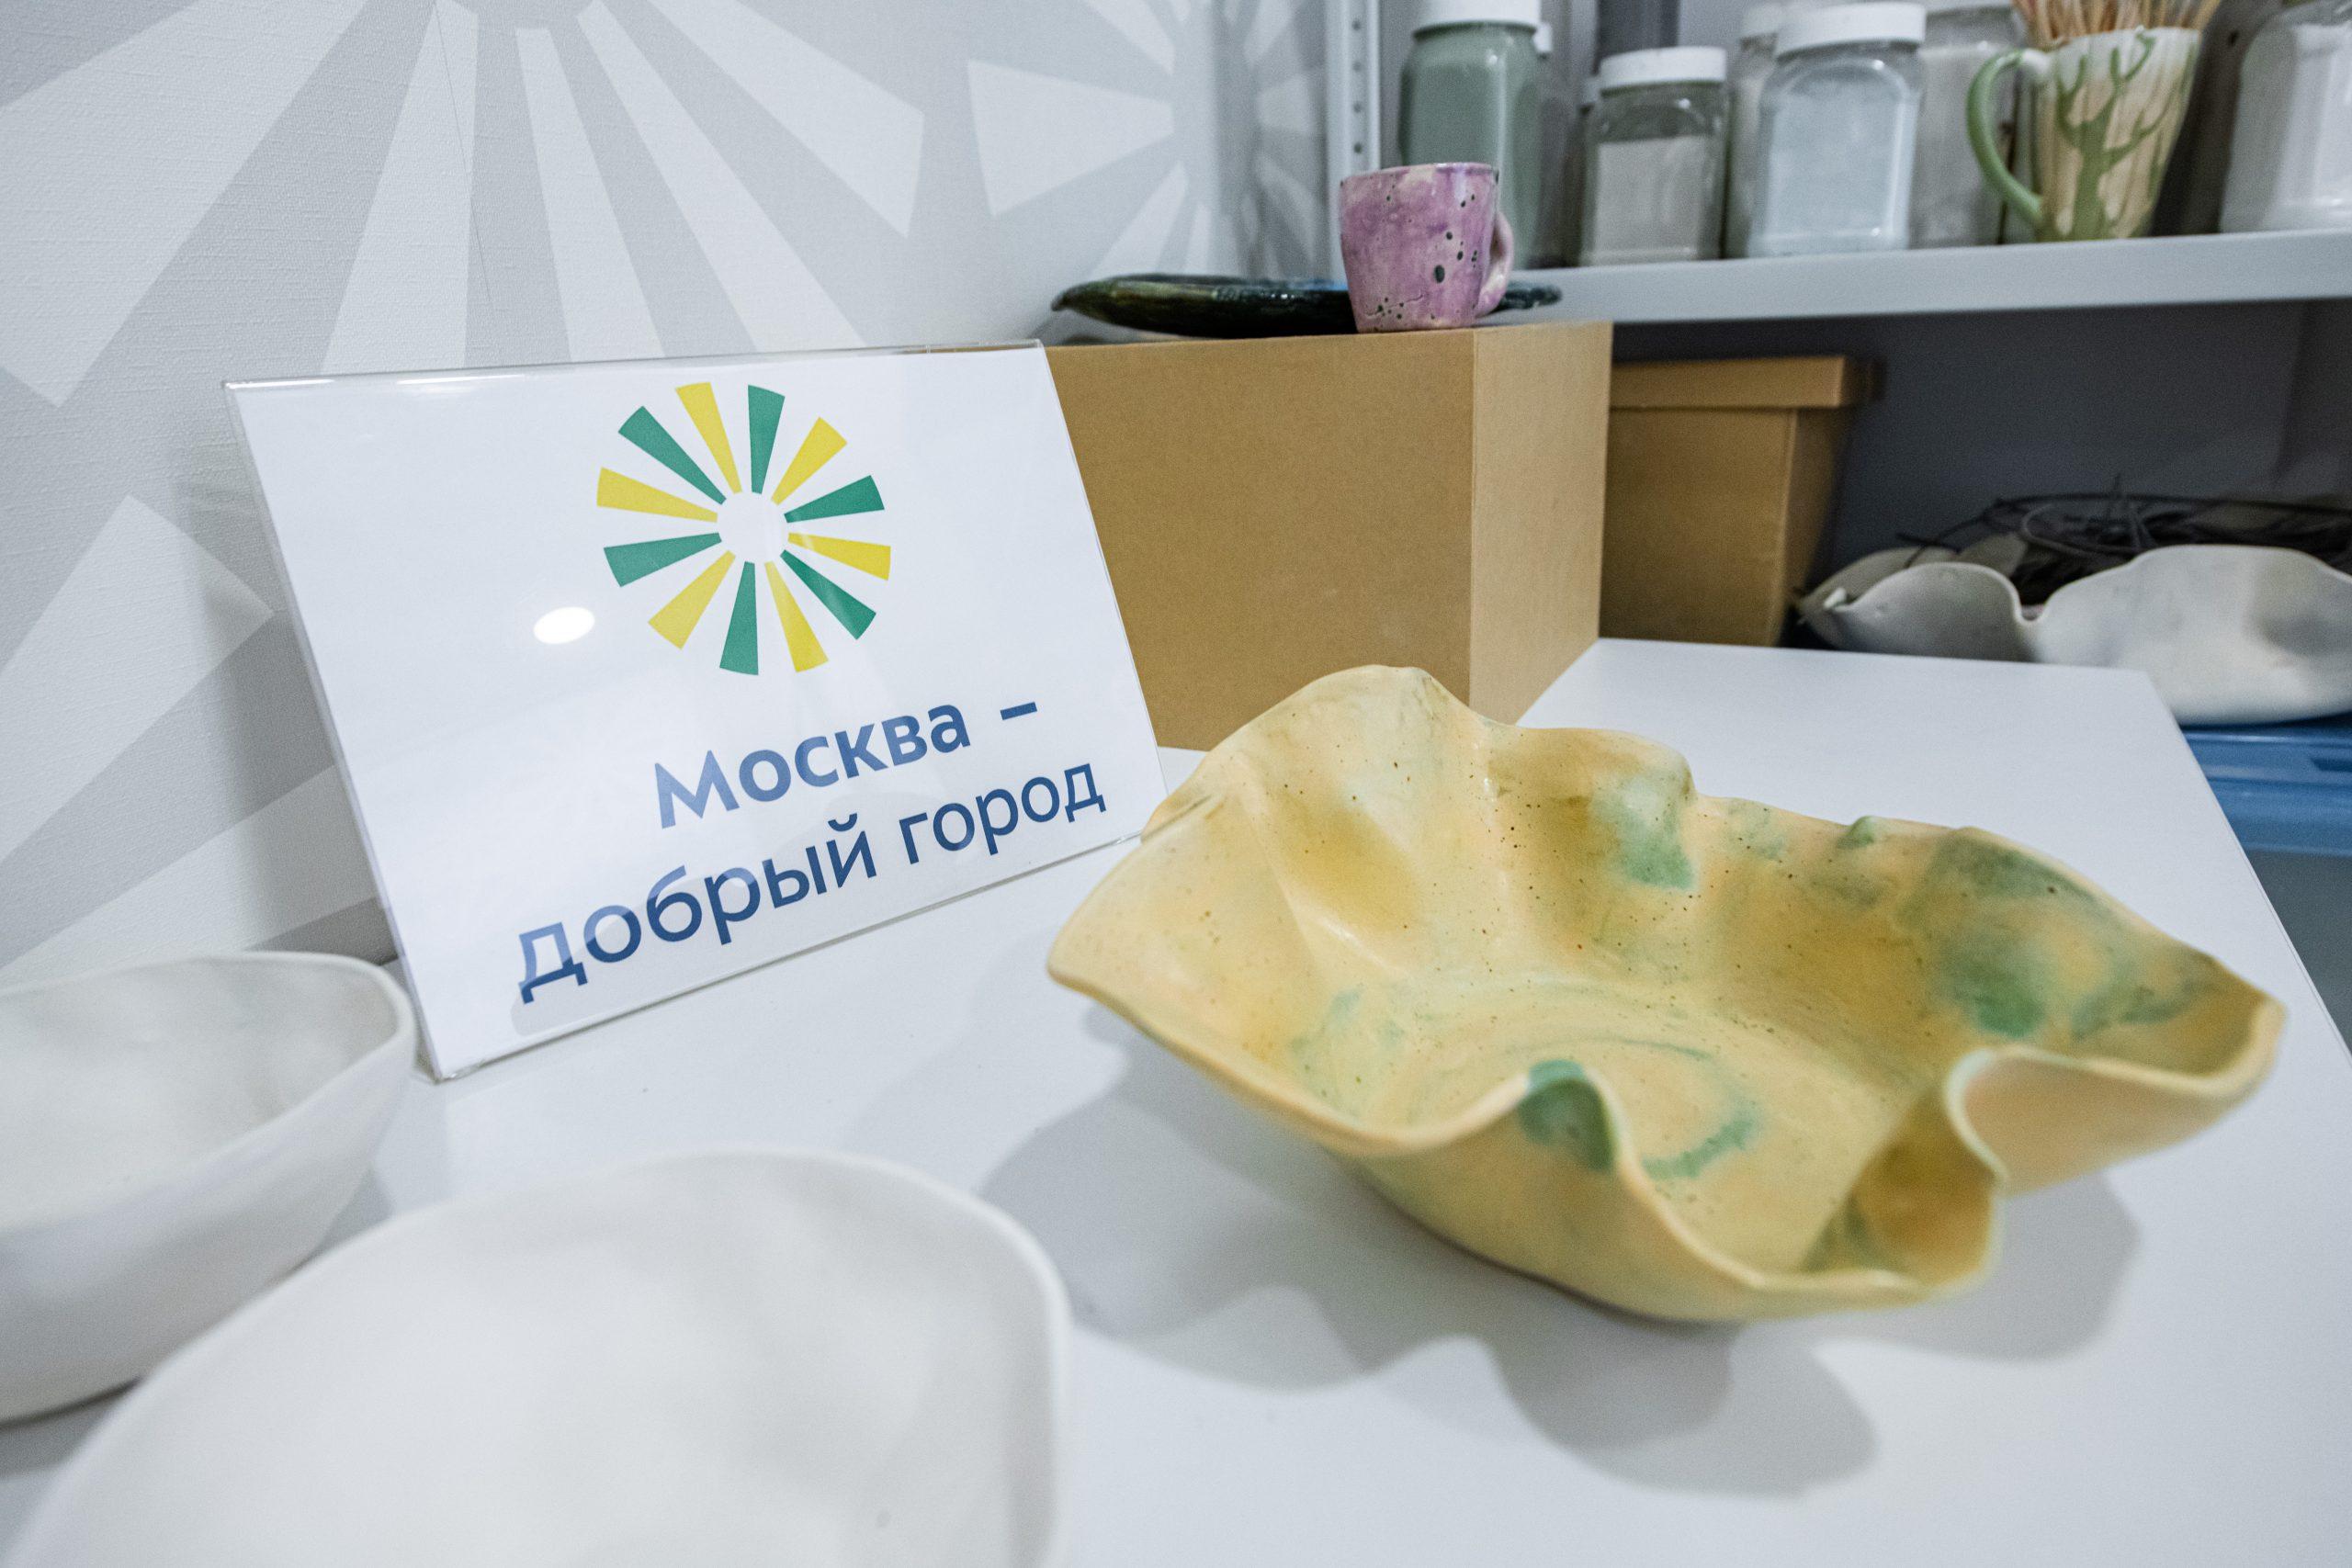 В Москве завершен прием заявок на гранты для социально ориентированных НКО